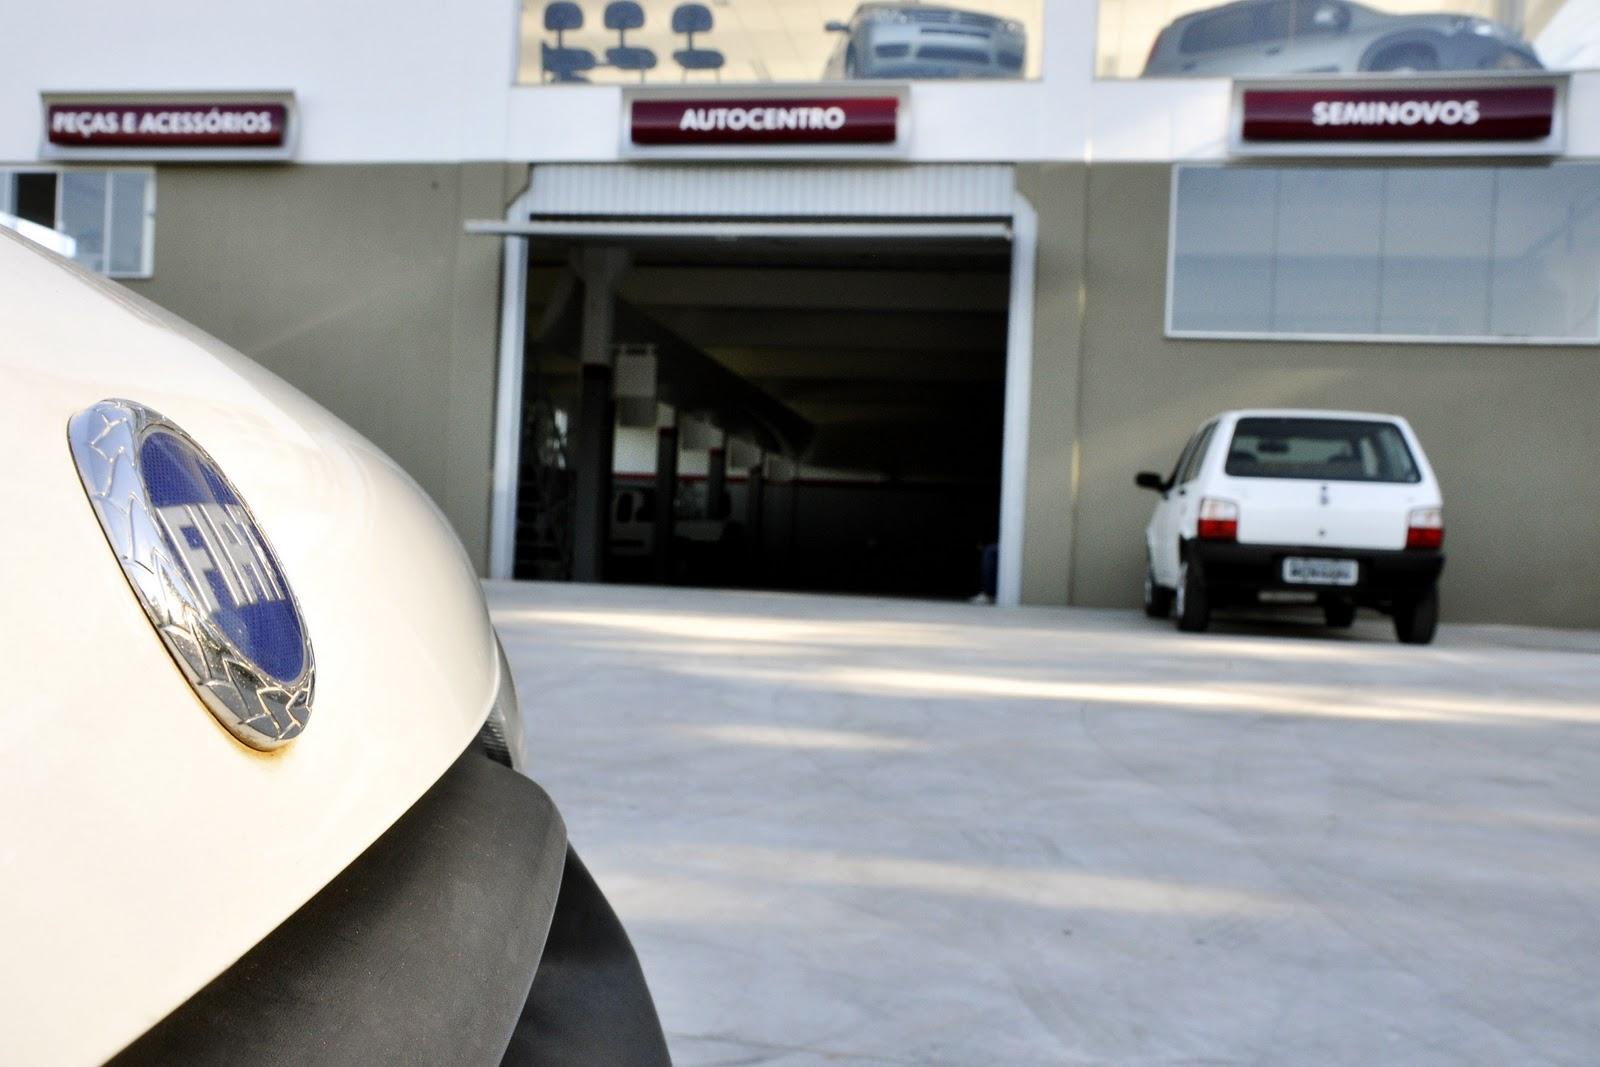 CARBONI FIAT - Inaugura hoje concessionária completa em Capinzal DSC0155 1